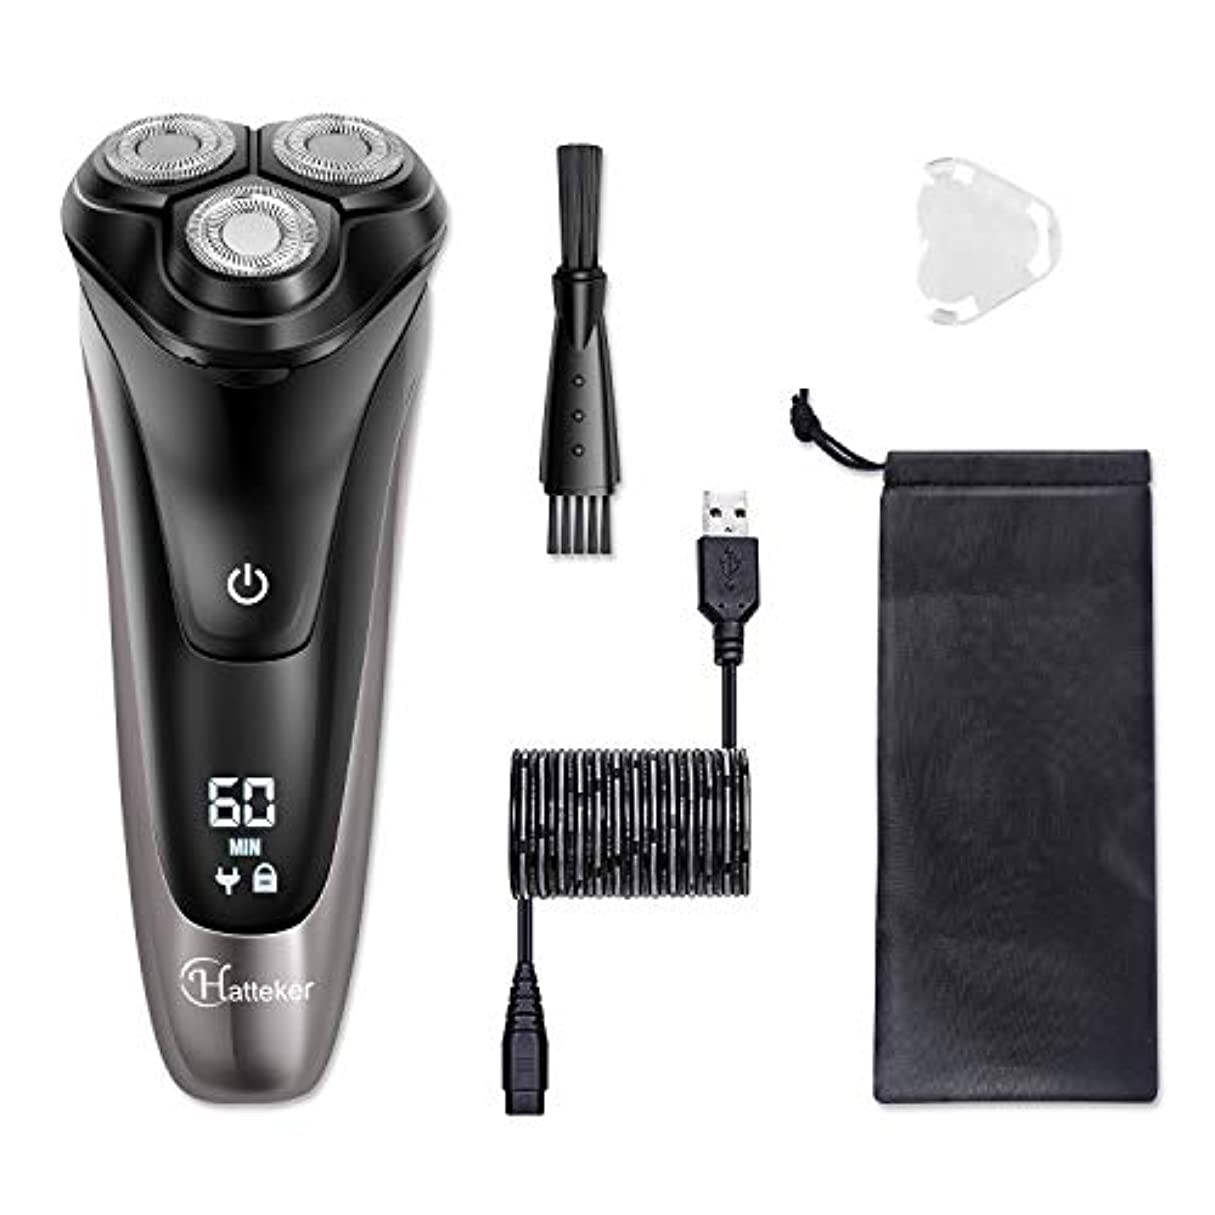 永続香り装備するHATTEKER シェーバー メンズ 髭剃り 回転式 一半時間急速充電 LEDディスプレイ 家庭用 トリマー付き